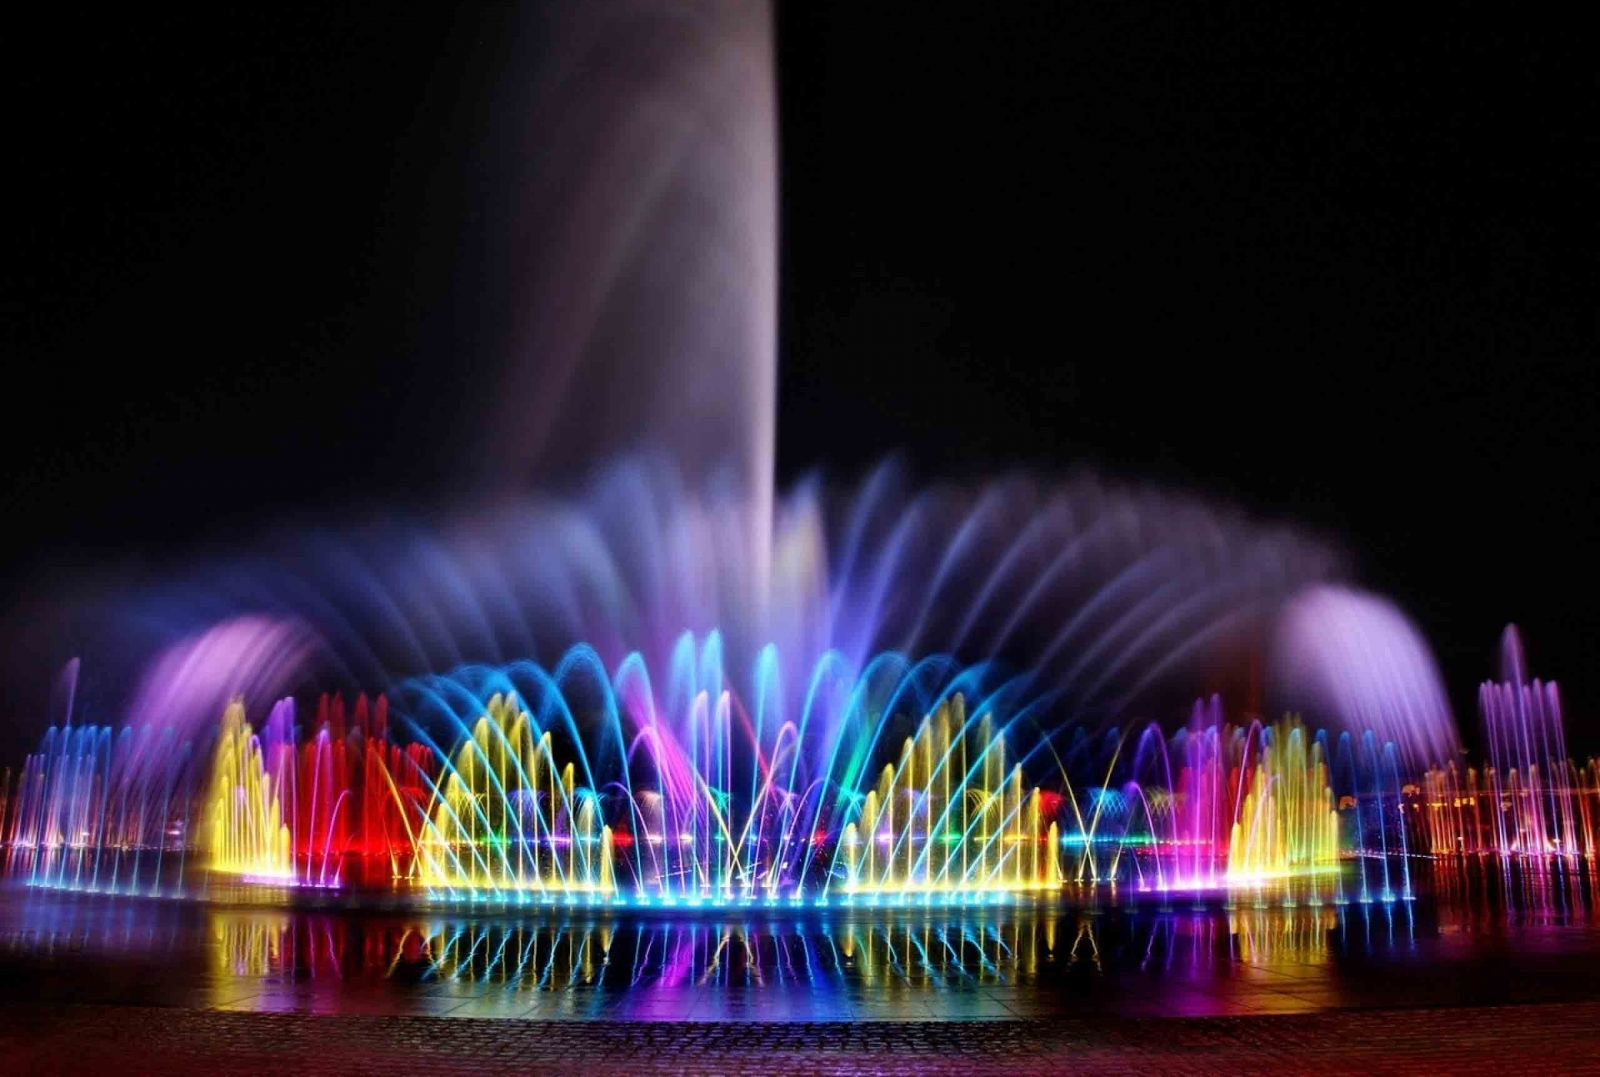 Светомузыкальные фонтаны теперь есть и в Умани (см. видео)